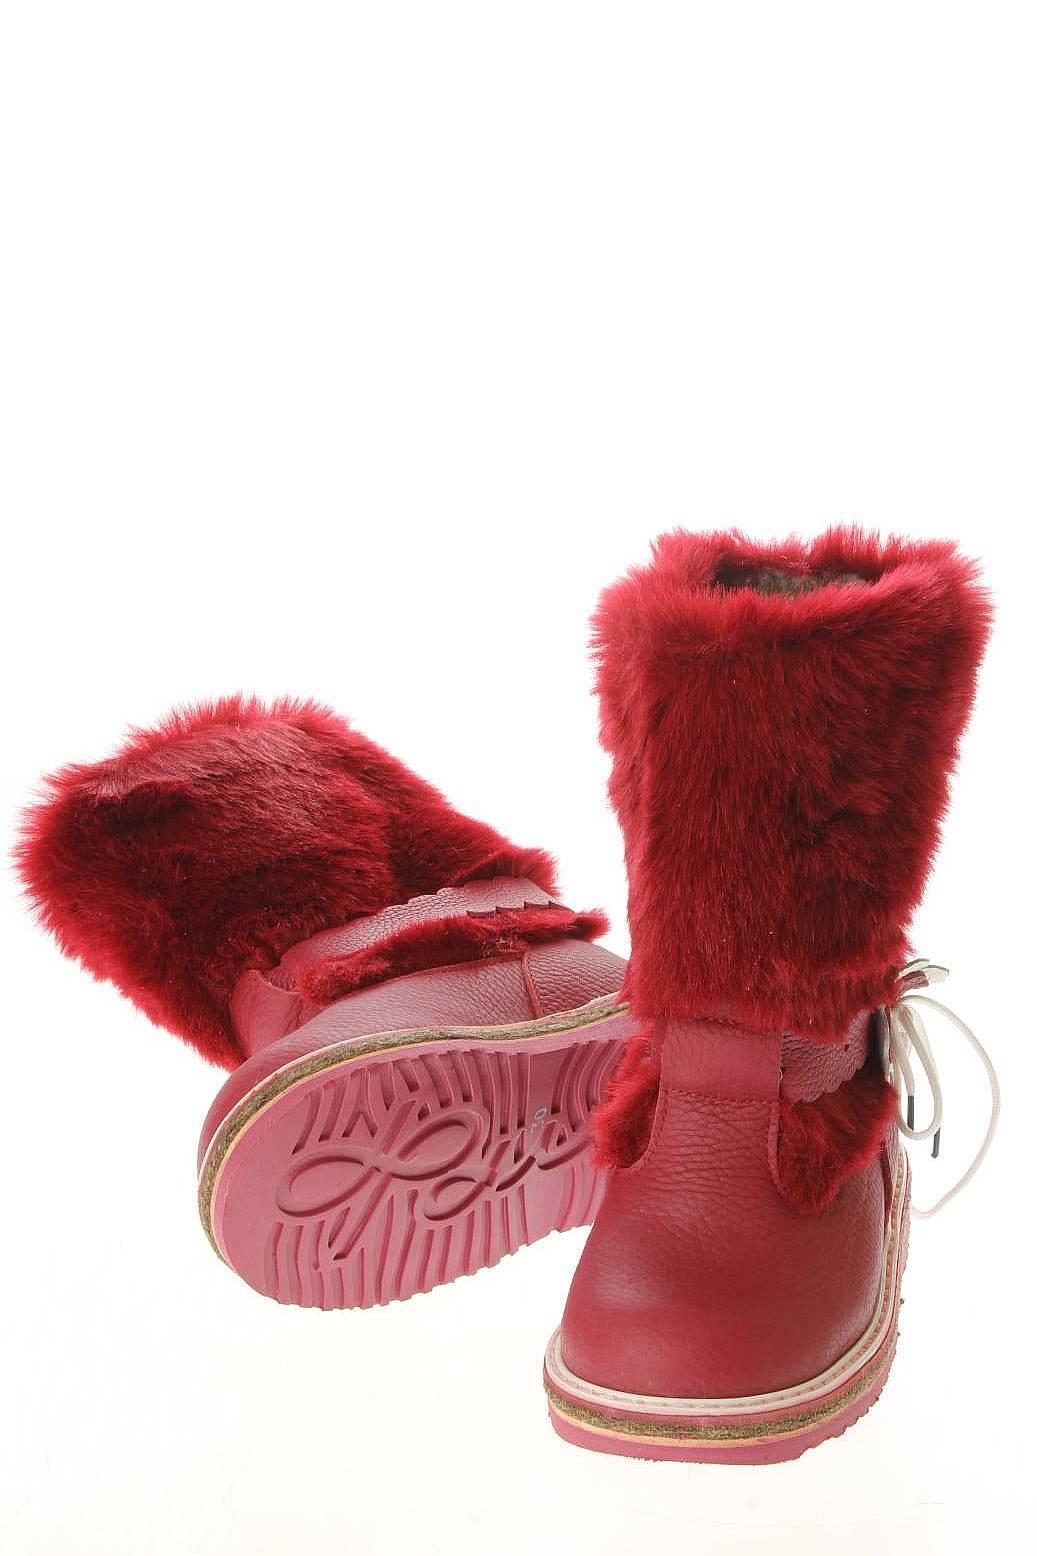 Мужская Обувь Детская Обувь Сапоги: Фома Обувь